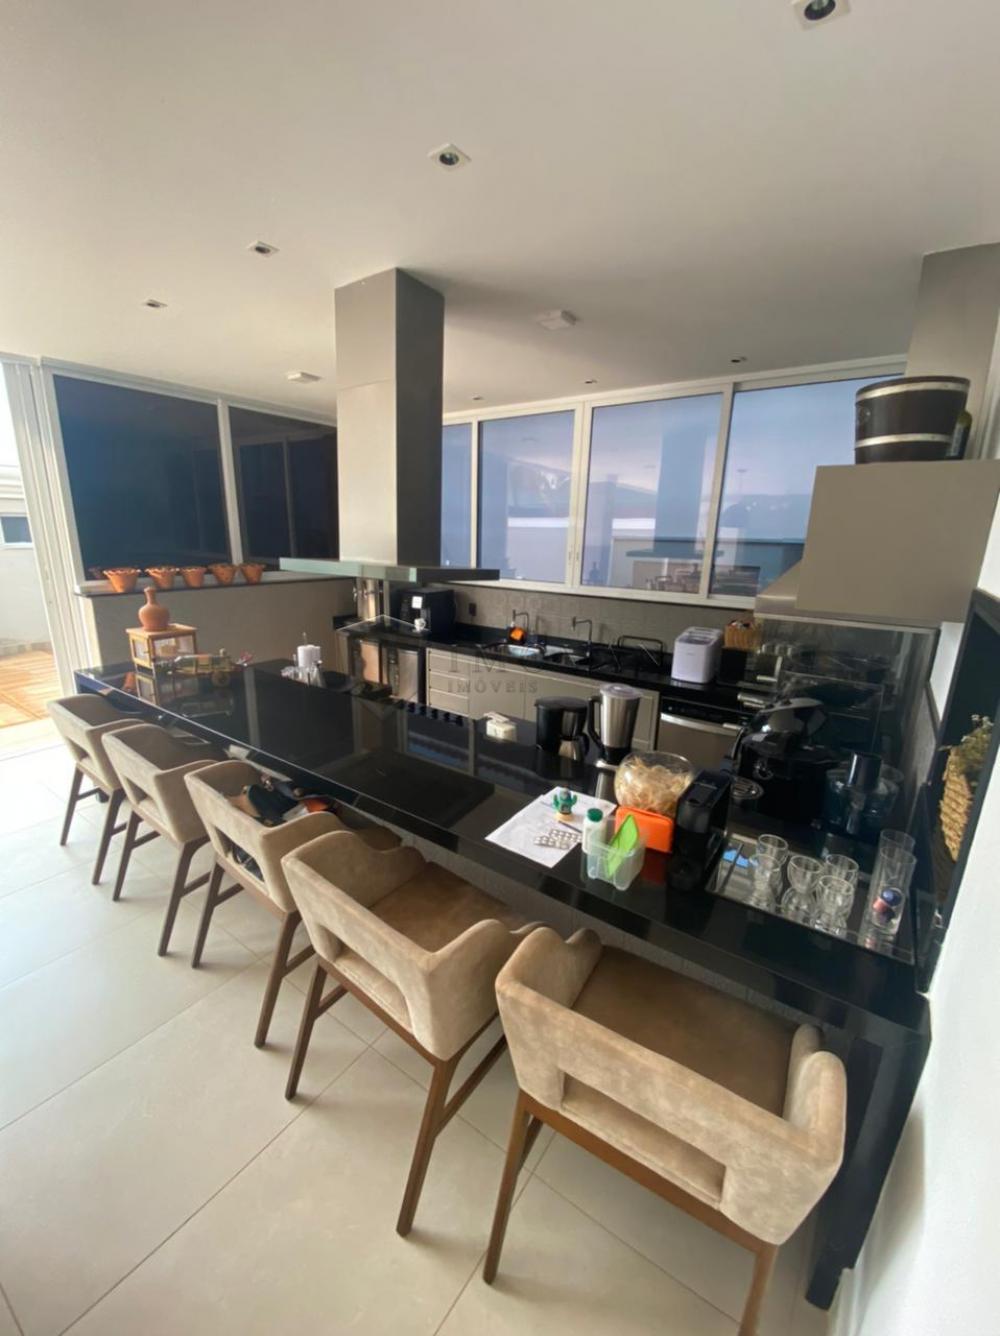 Comprar Casa / Condomínio em Bonfim Paulista R$ 2.800.000,00 - Foto 9